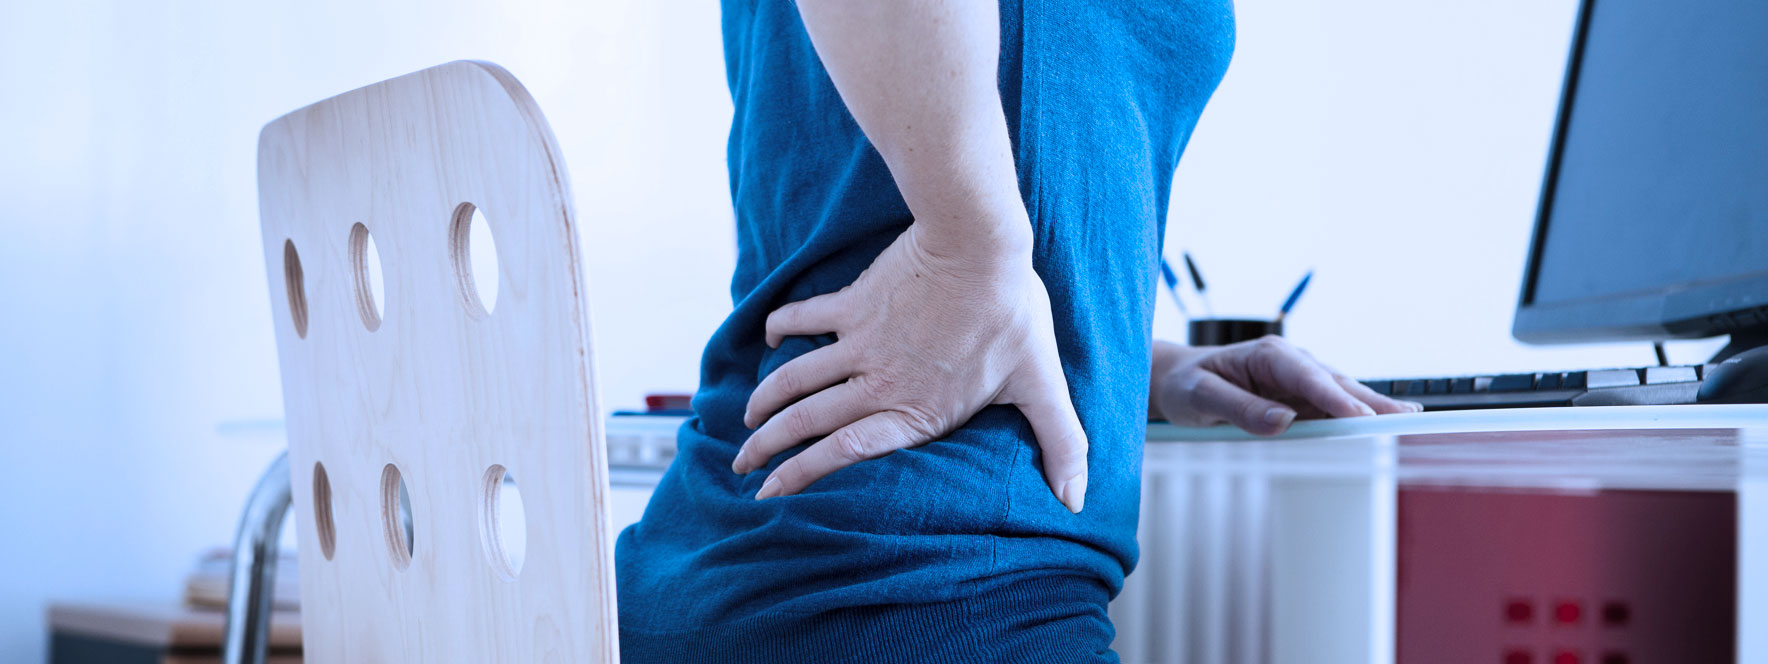 Les maux de dos et la massothérapie - Blogue du Réseau